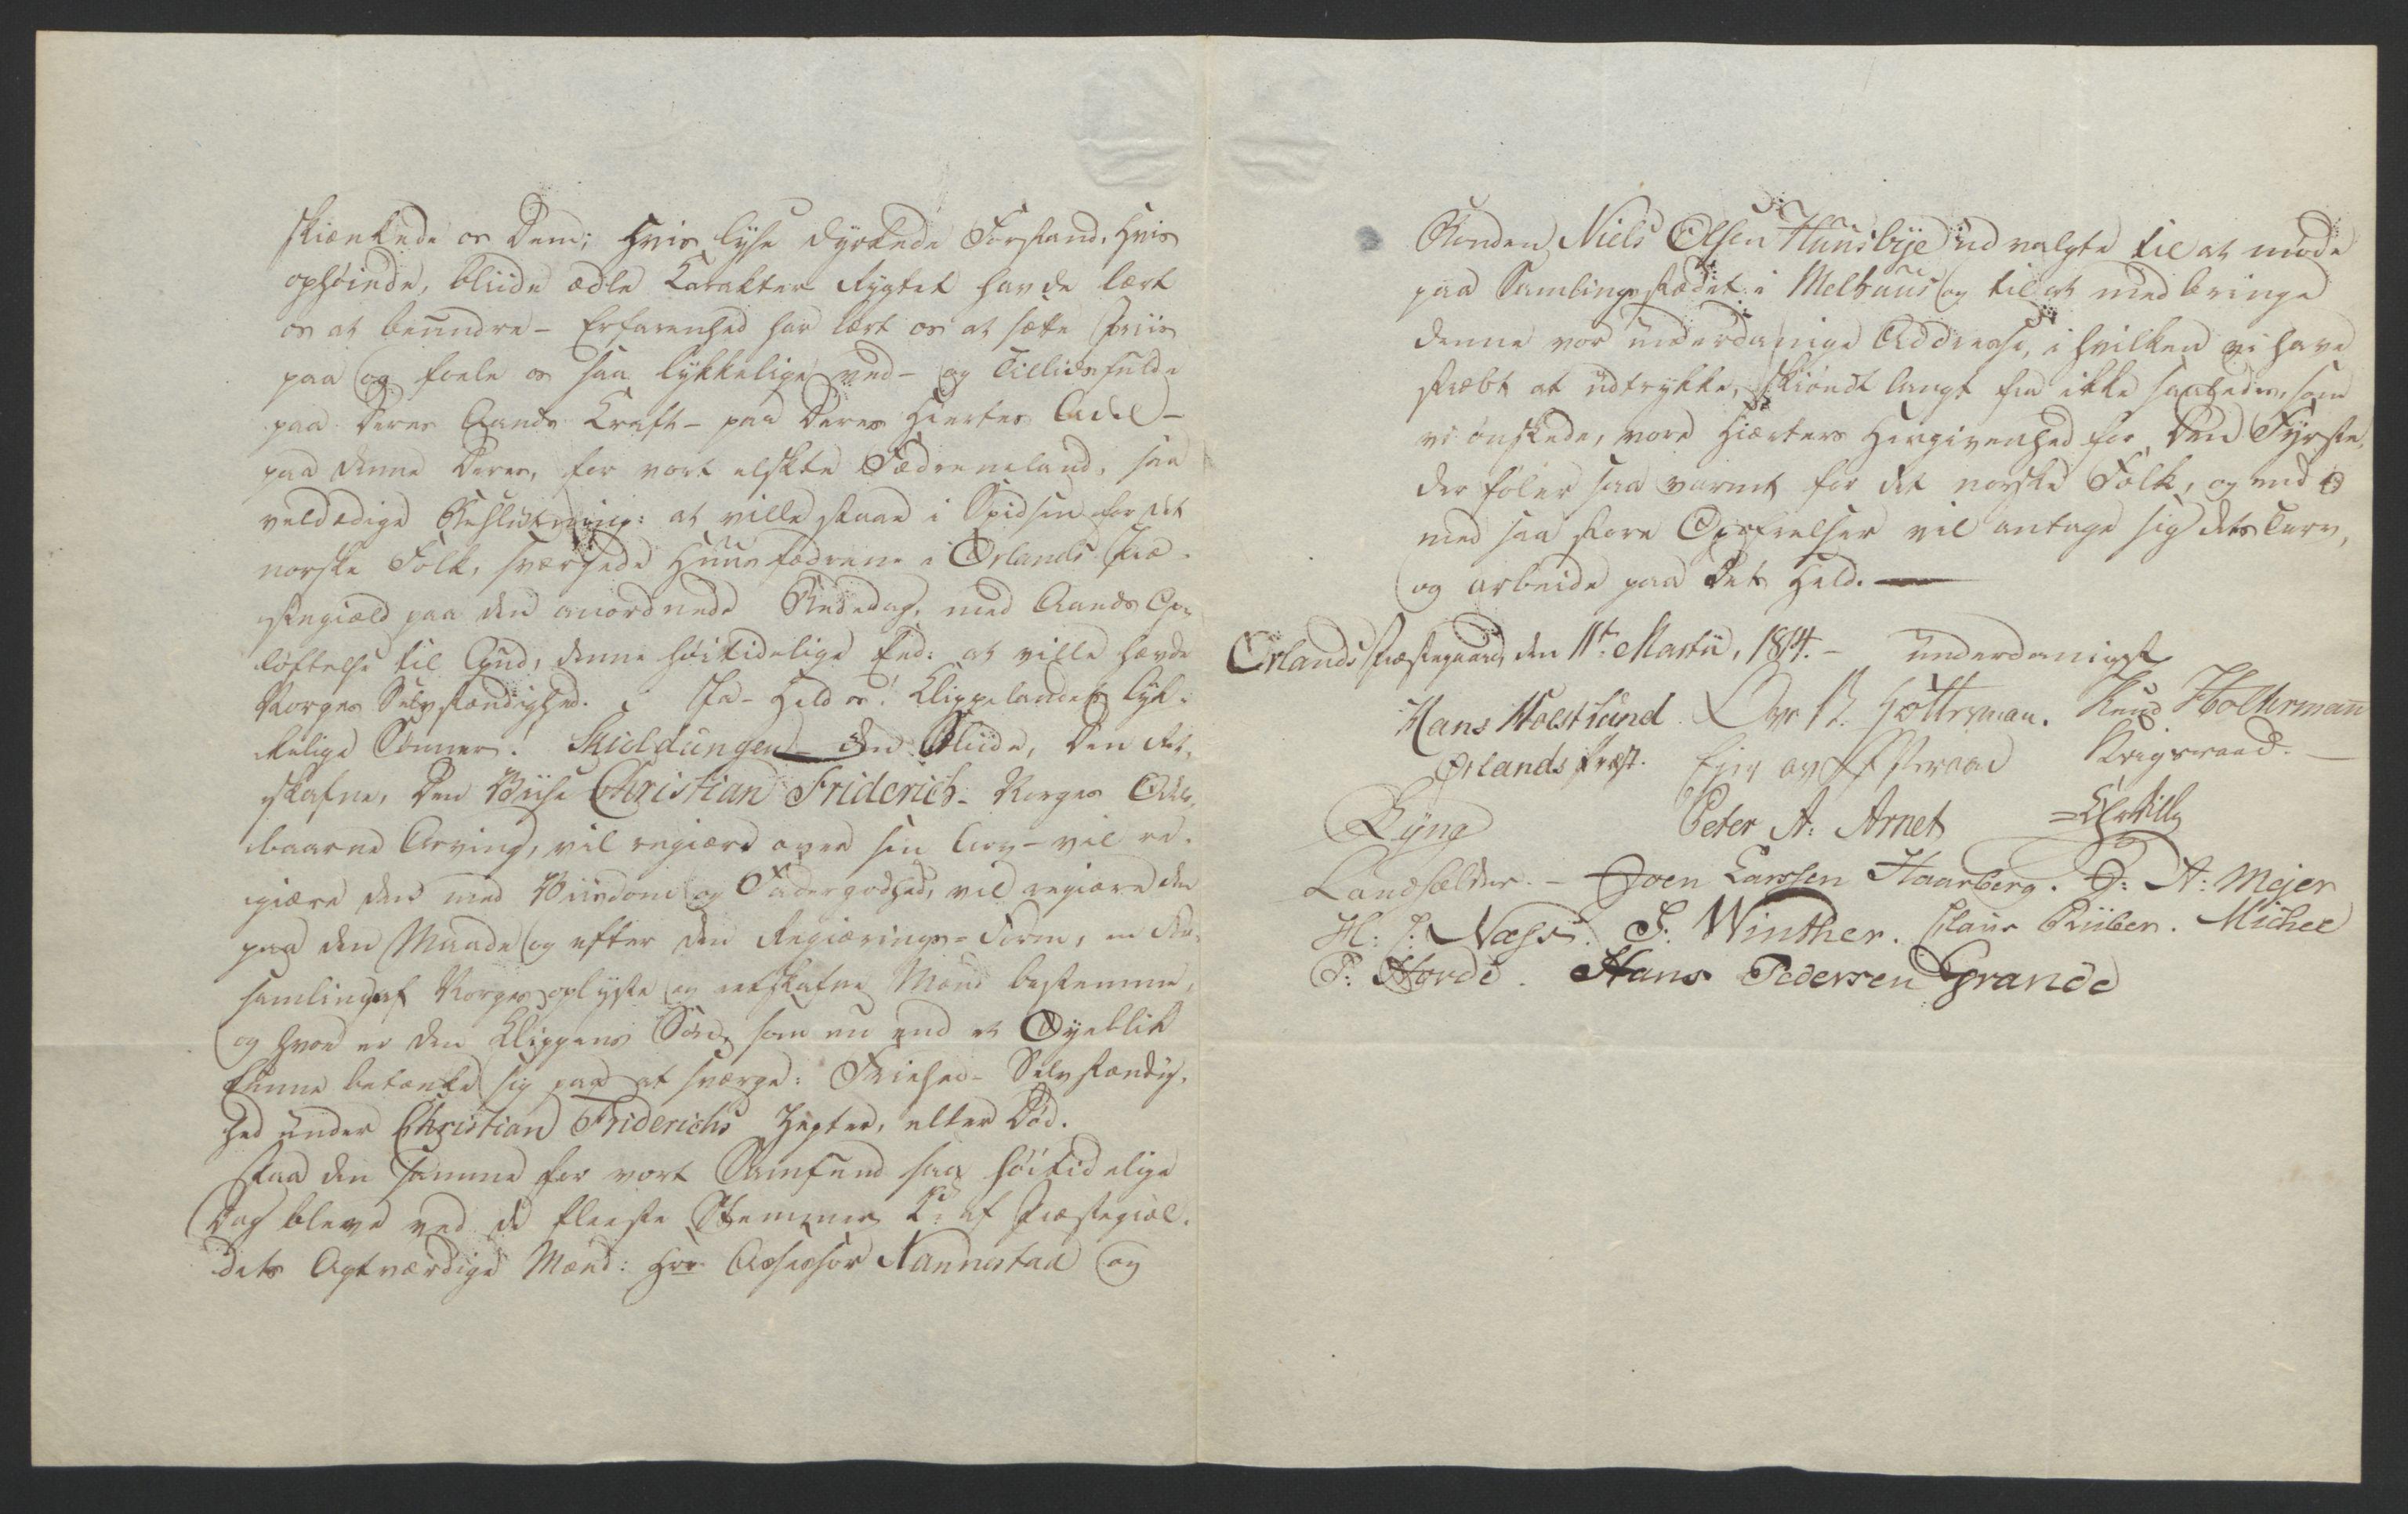 RA, Statsrådssekretariatet, D/Db/L0008: Fullmakter for Eidsvollsrepresentantene i 1814. , 1814, s. 460